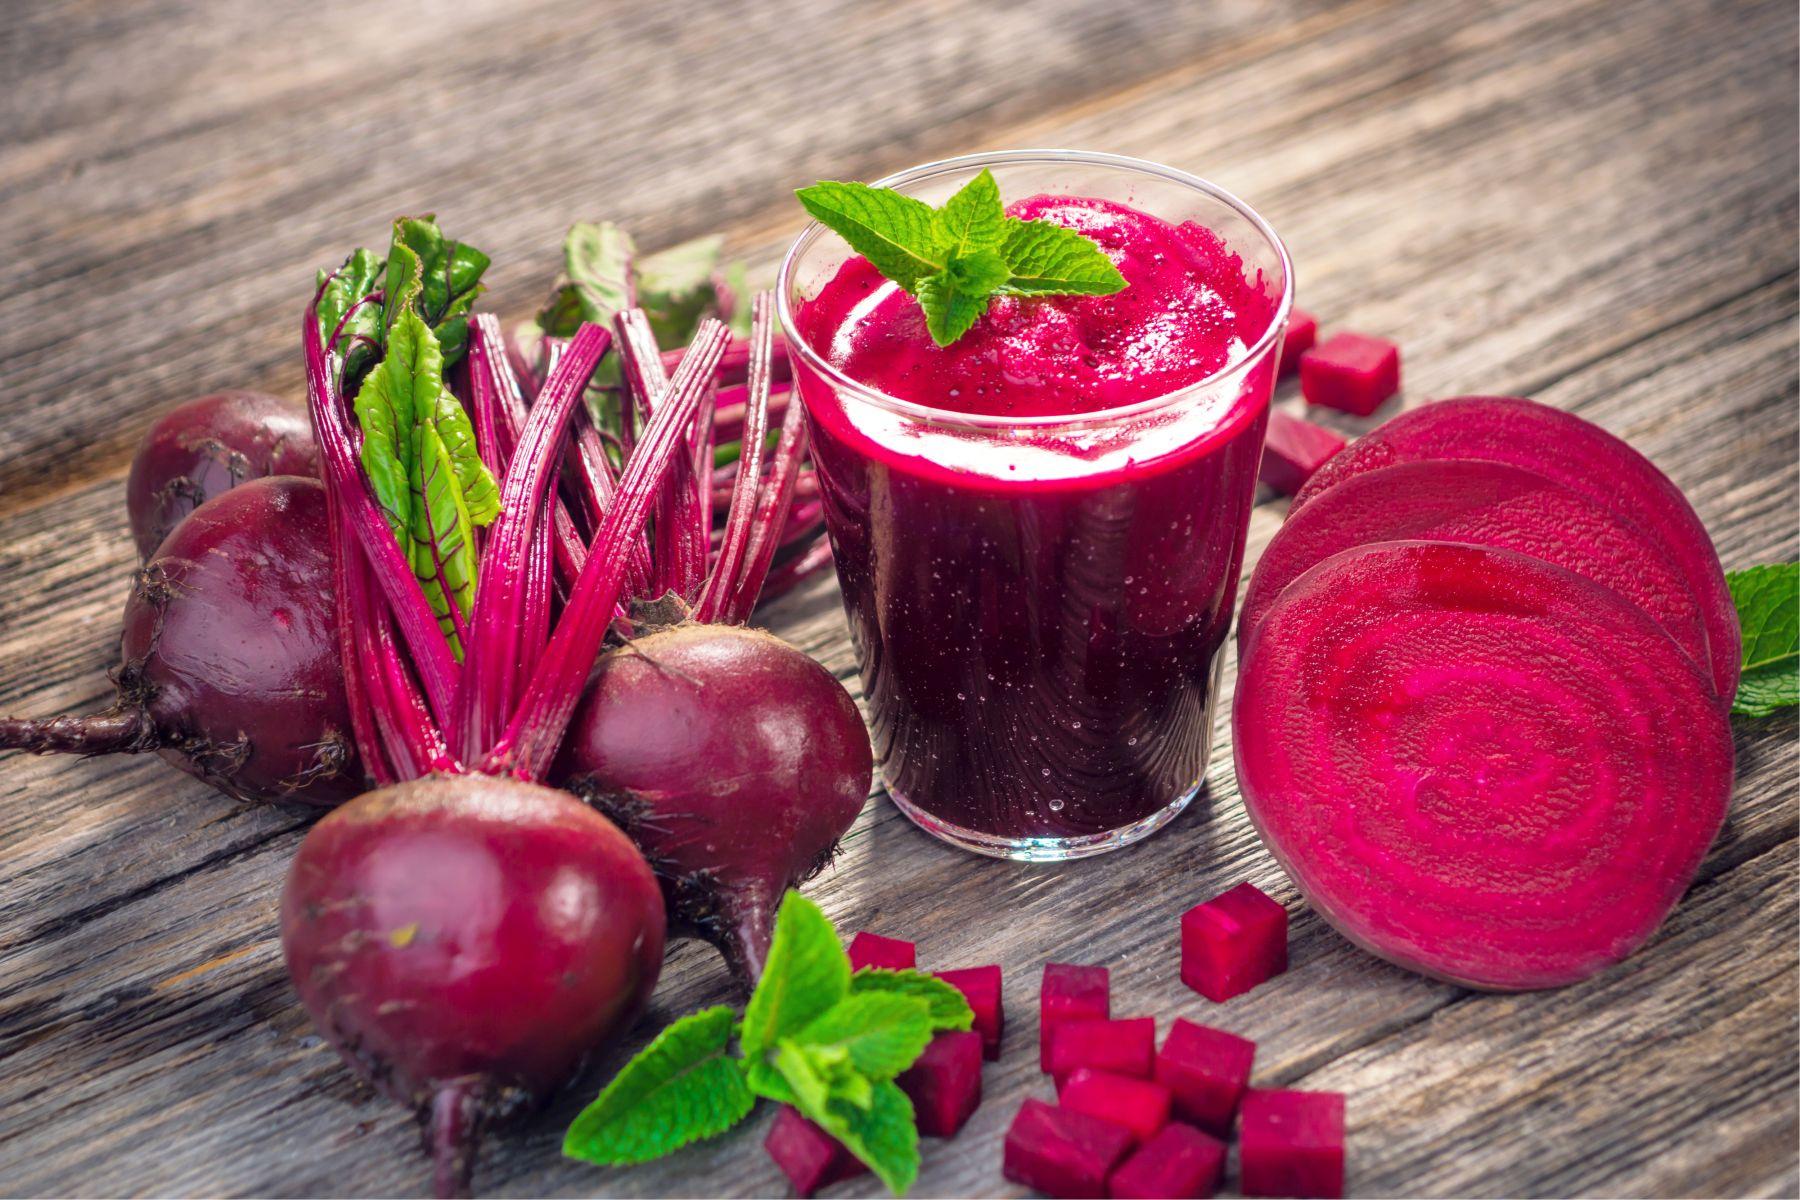 天然抗氧化劑「甜菜根」用喝的,護肝、降血壓、降低癌症風險8大好處